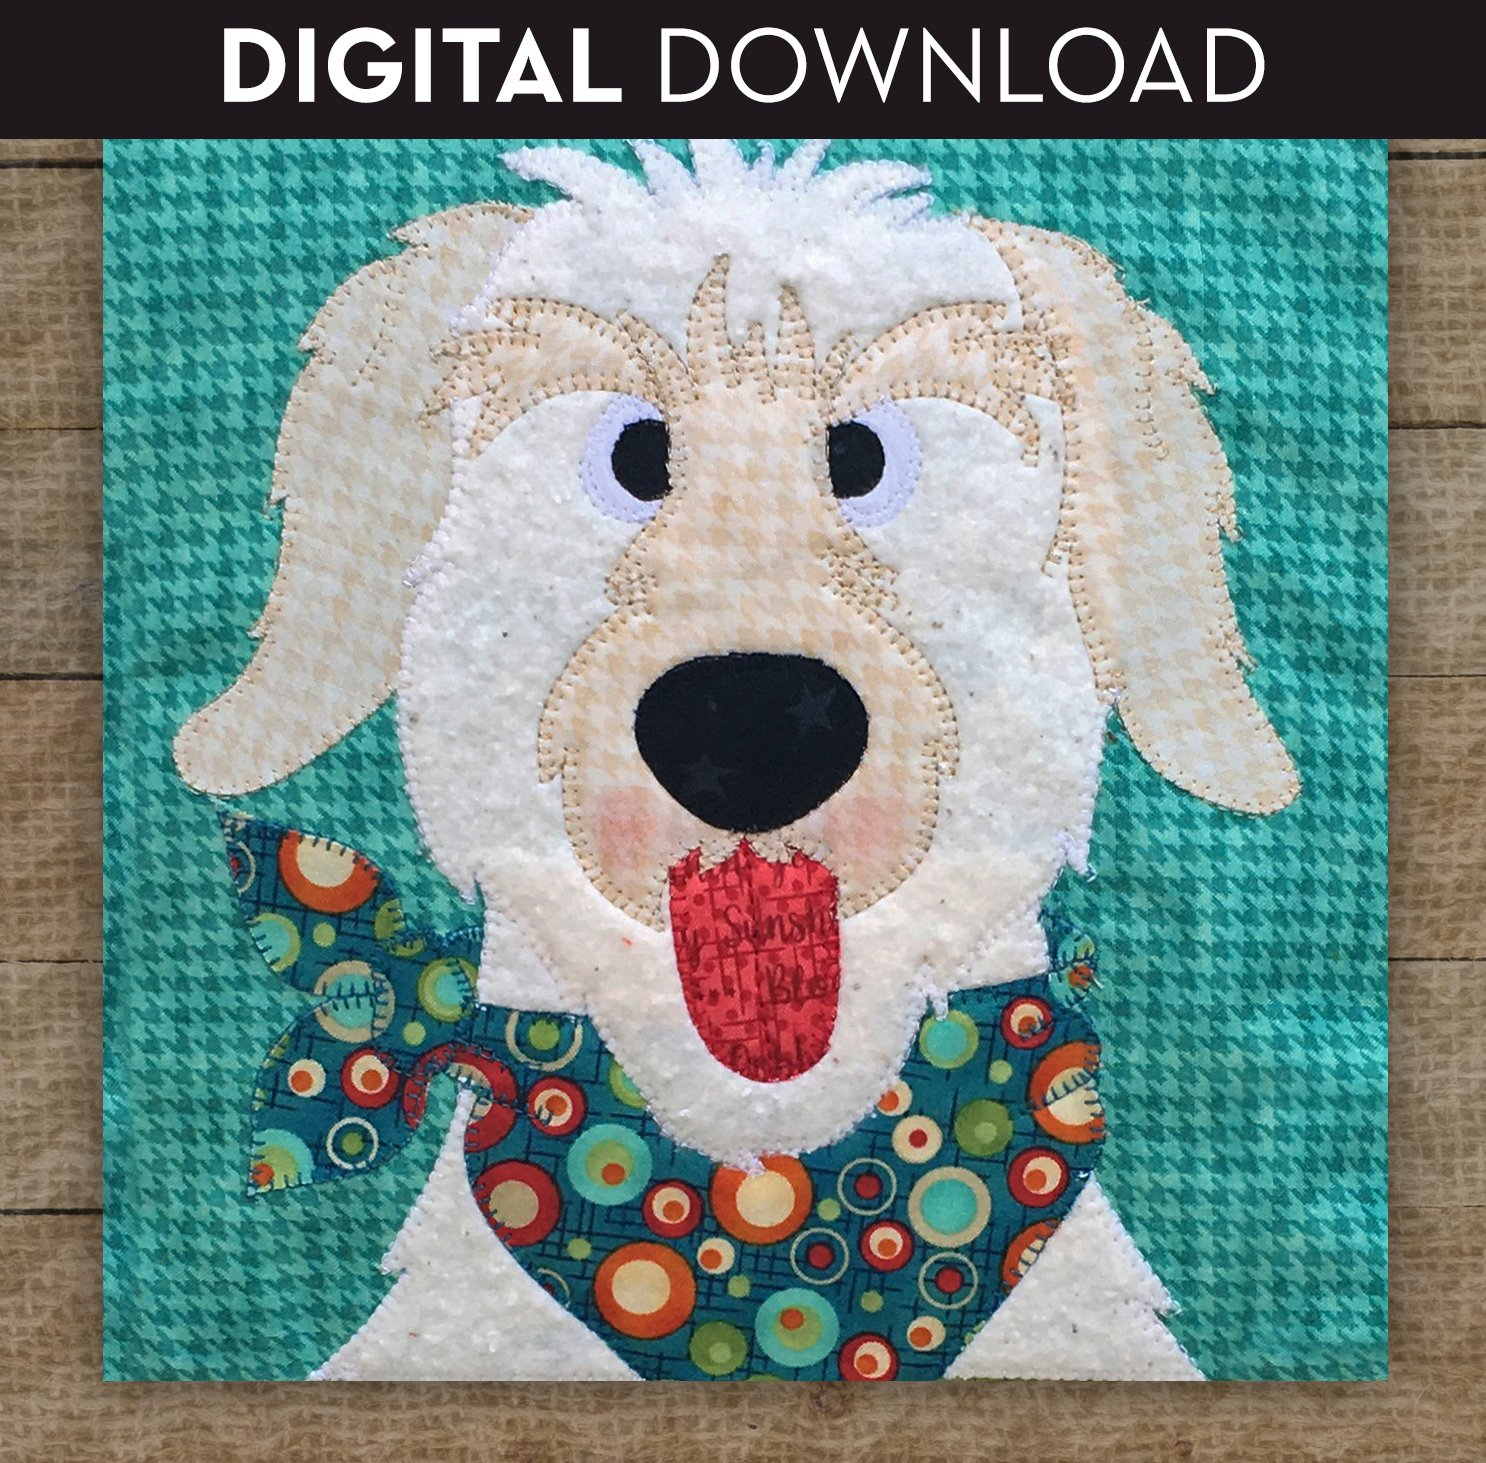 Doodle Dog - Download